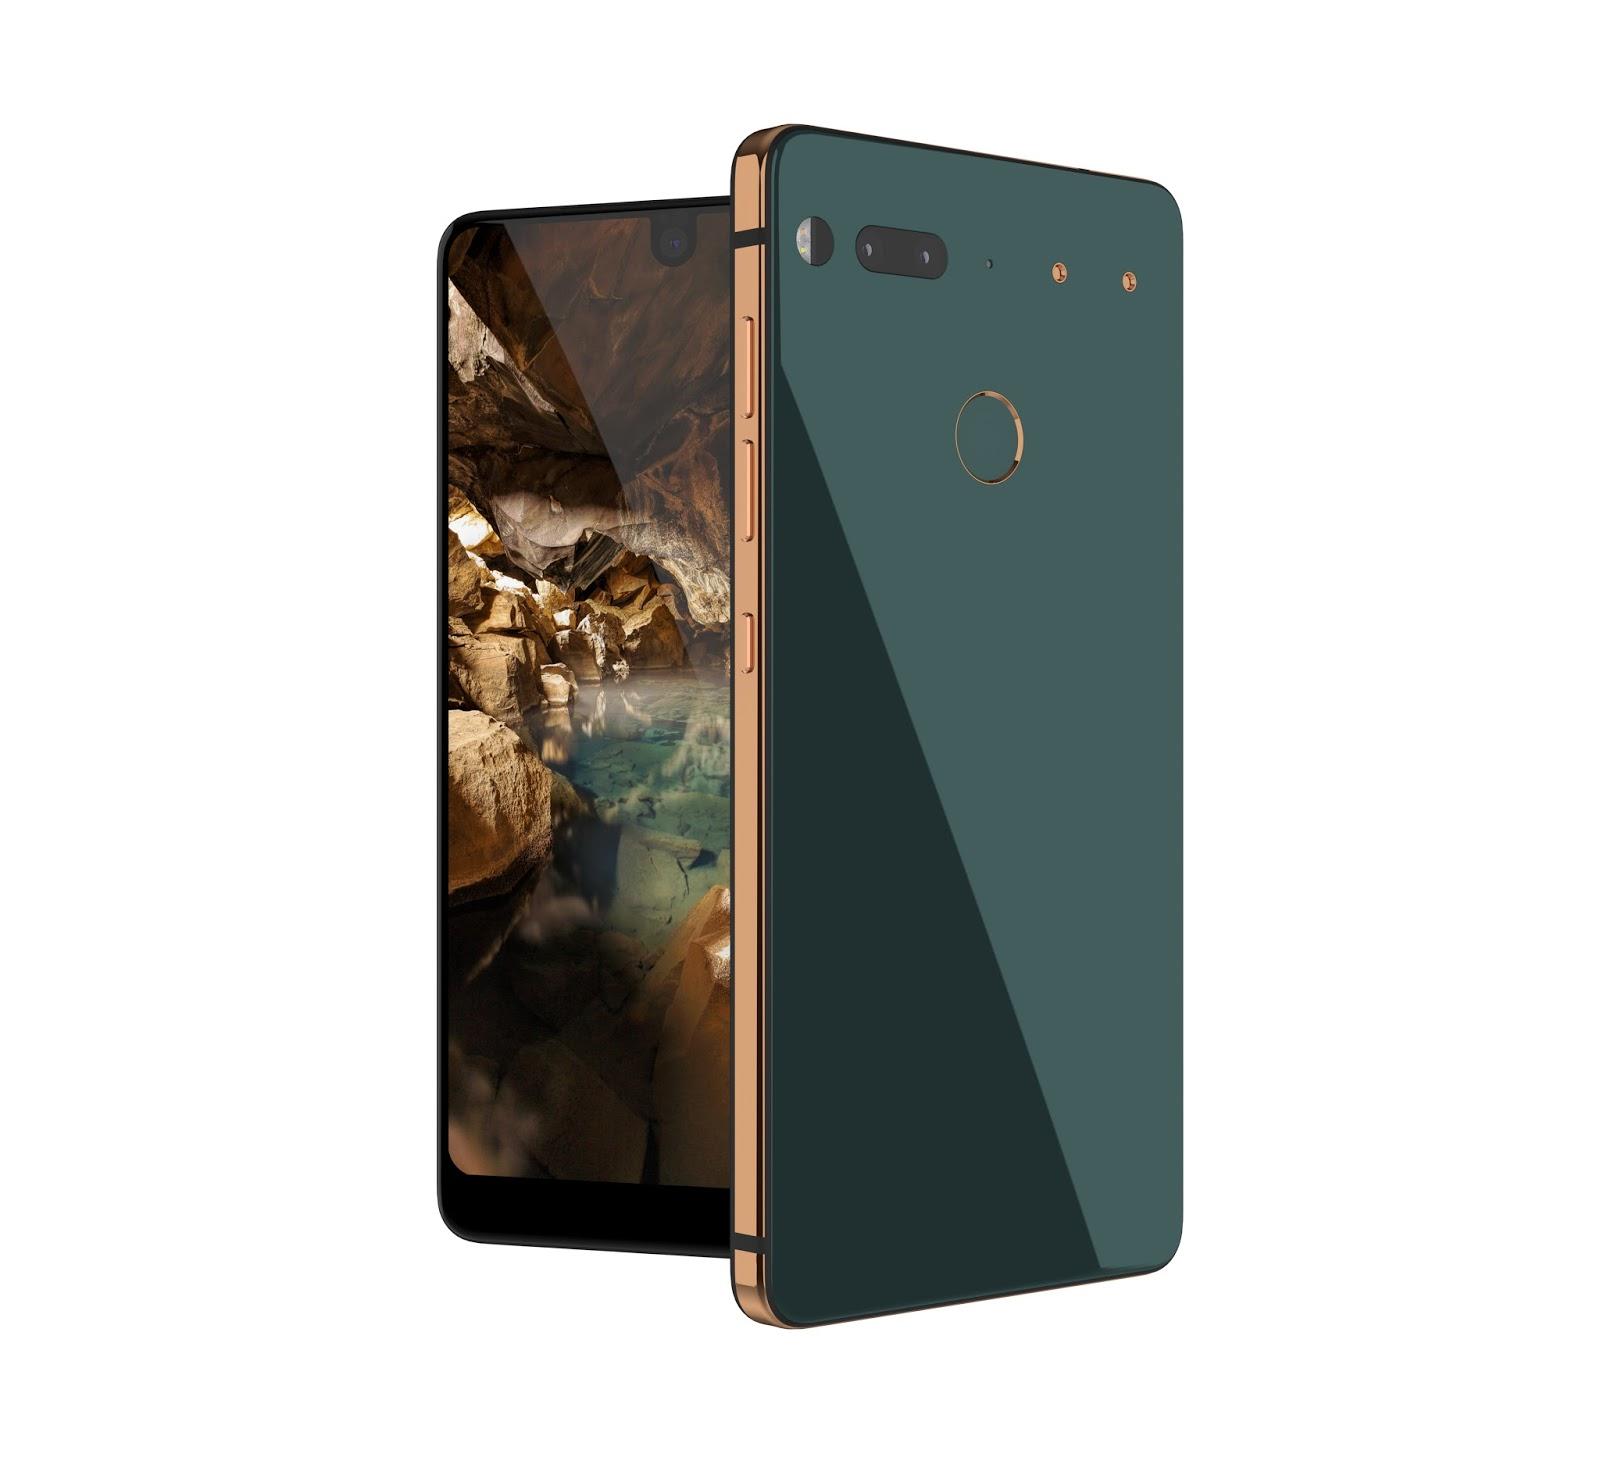 Essential Phone PH-1: DER Android Vater Andy Rubin präsentiert sein eigenes Smartphone